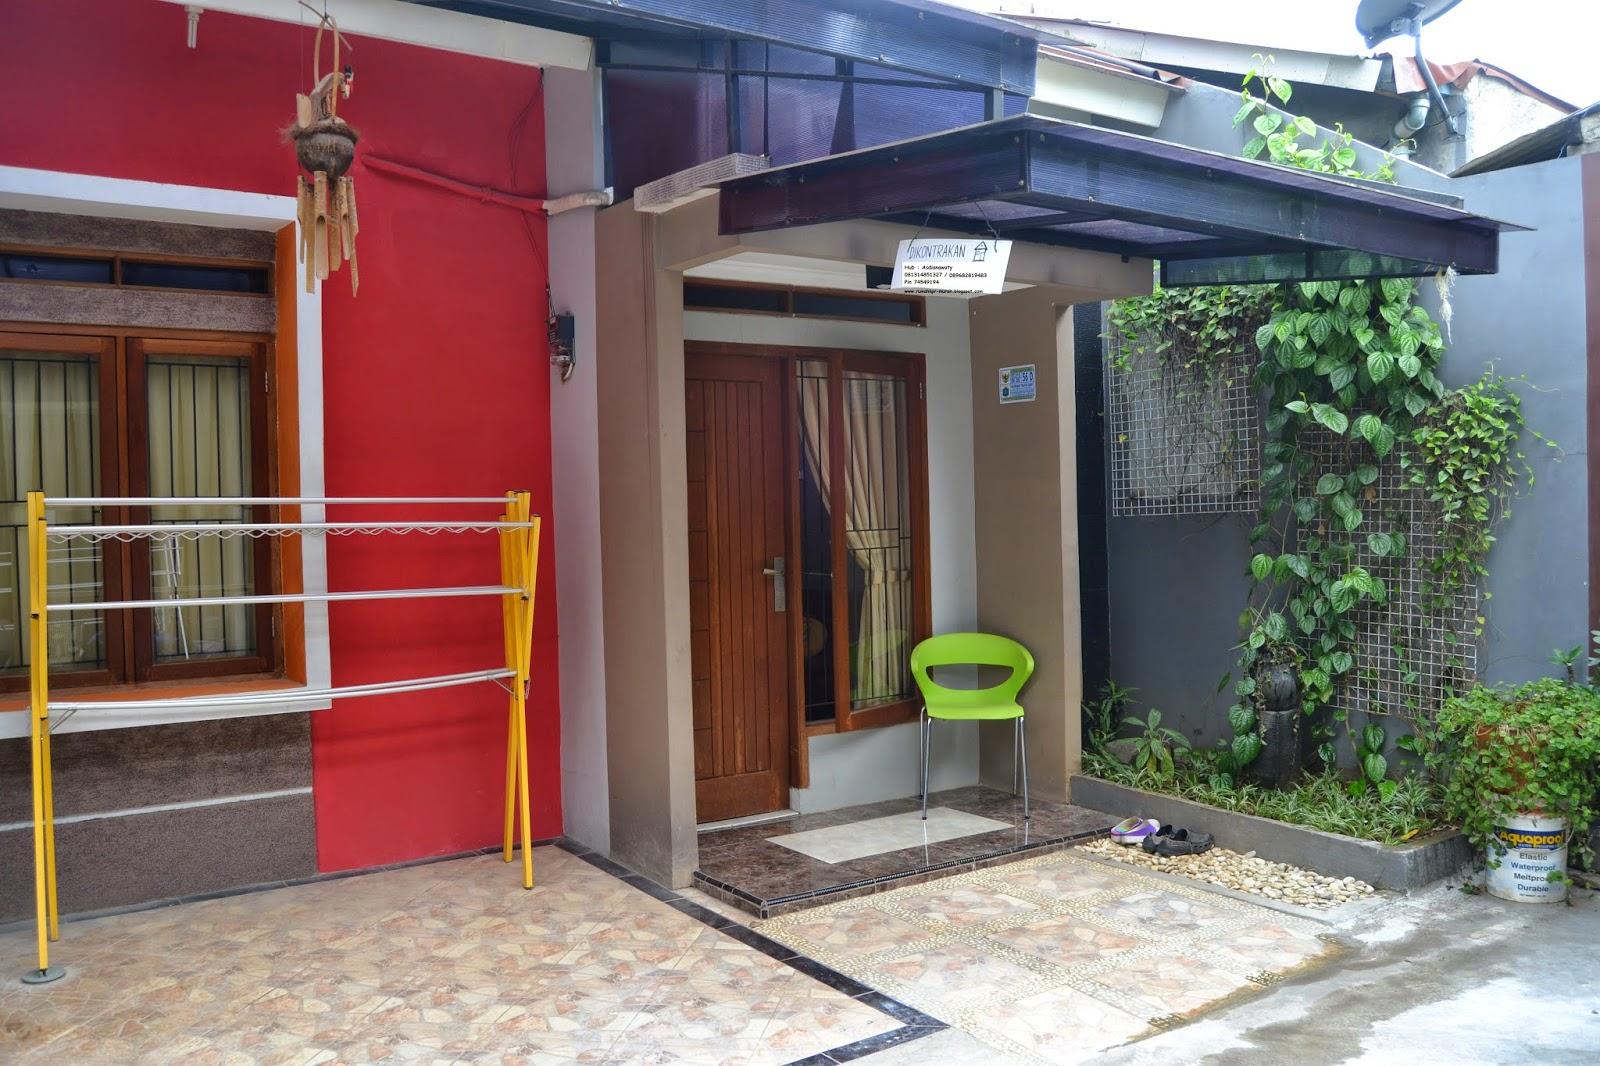 Rumah disewakan di Gintung Tanjung Barat Jakarta Selatan 1 - Hub Asdianawaty 081314851327